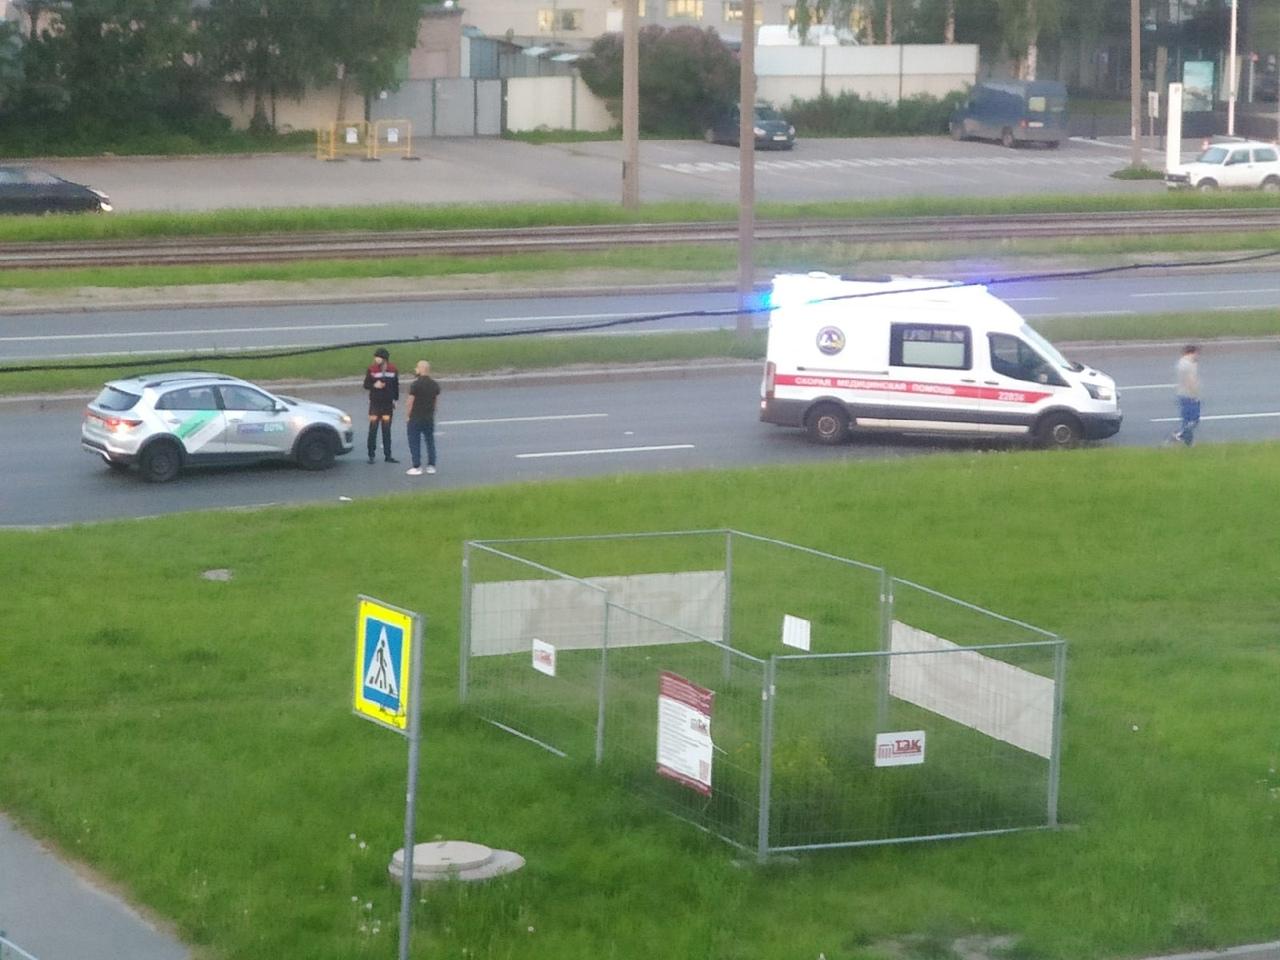 Сегодня на улице Руставели, напротив 30 дома, сбили человека. Судя по реанимации, состояние тяжелое....